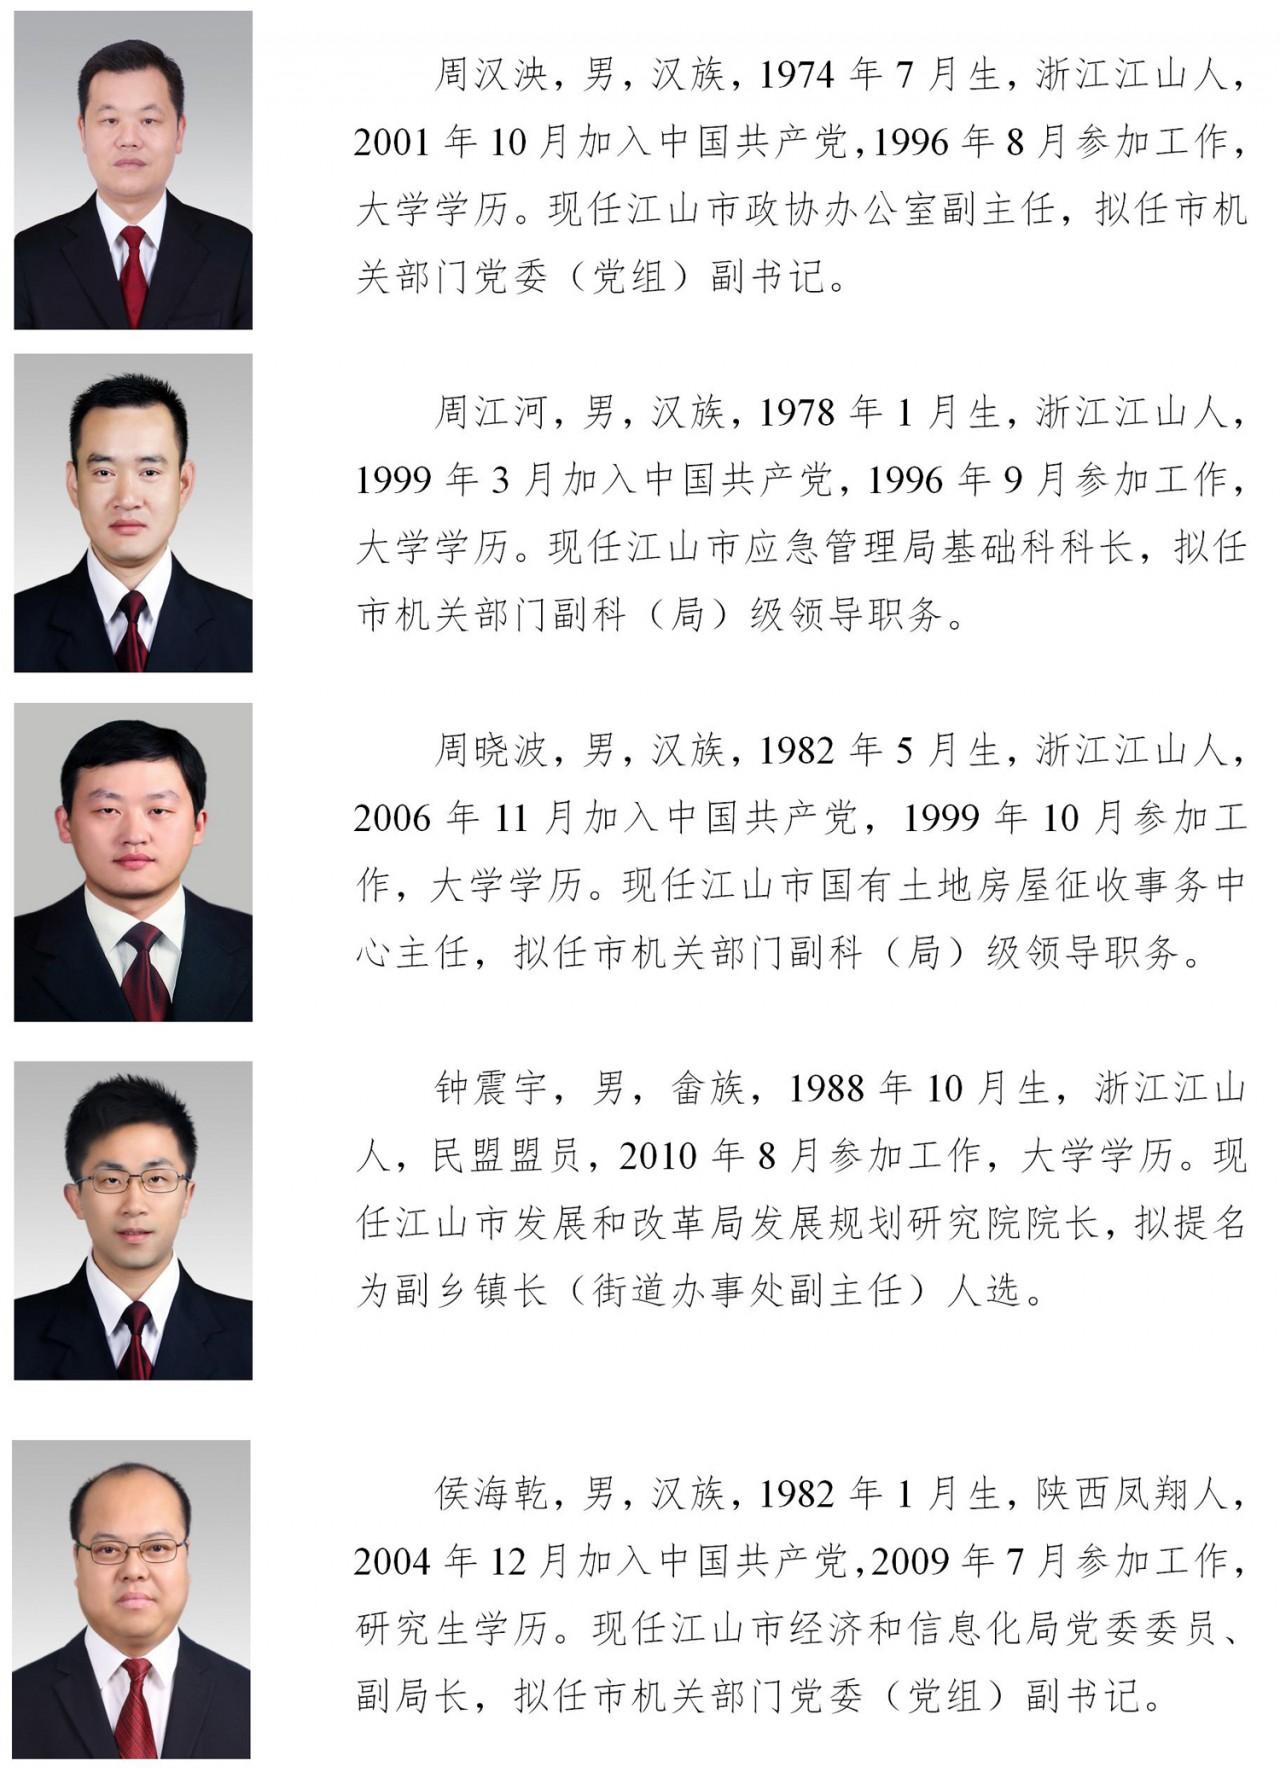 江山市領導干部任前公示通-04.jpg